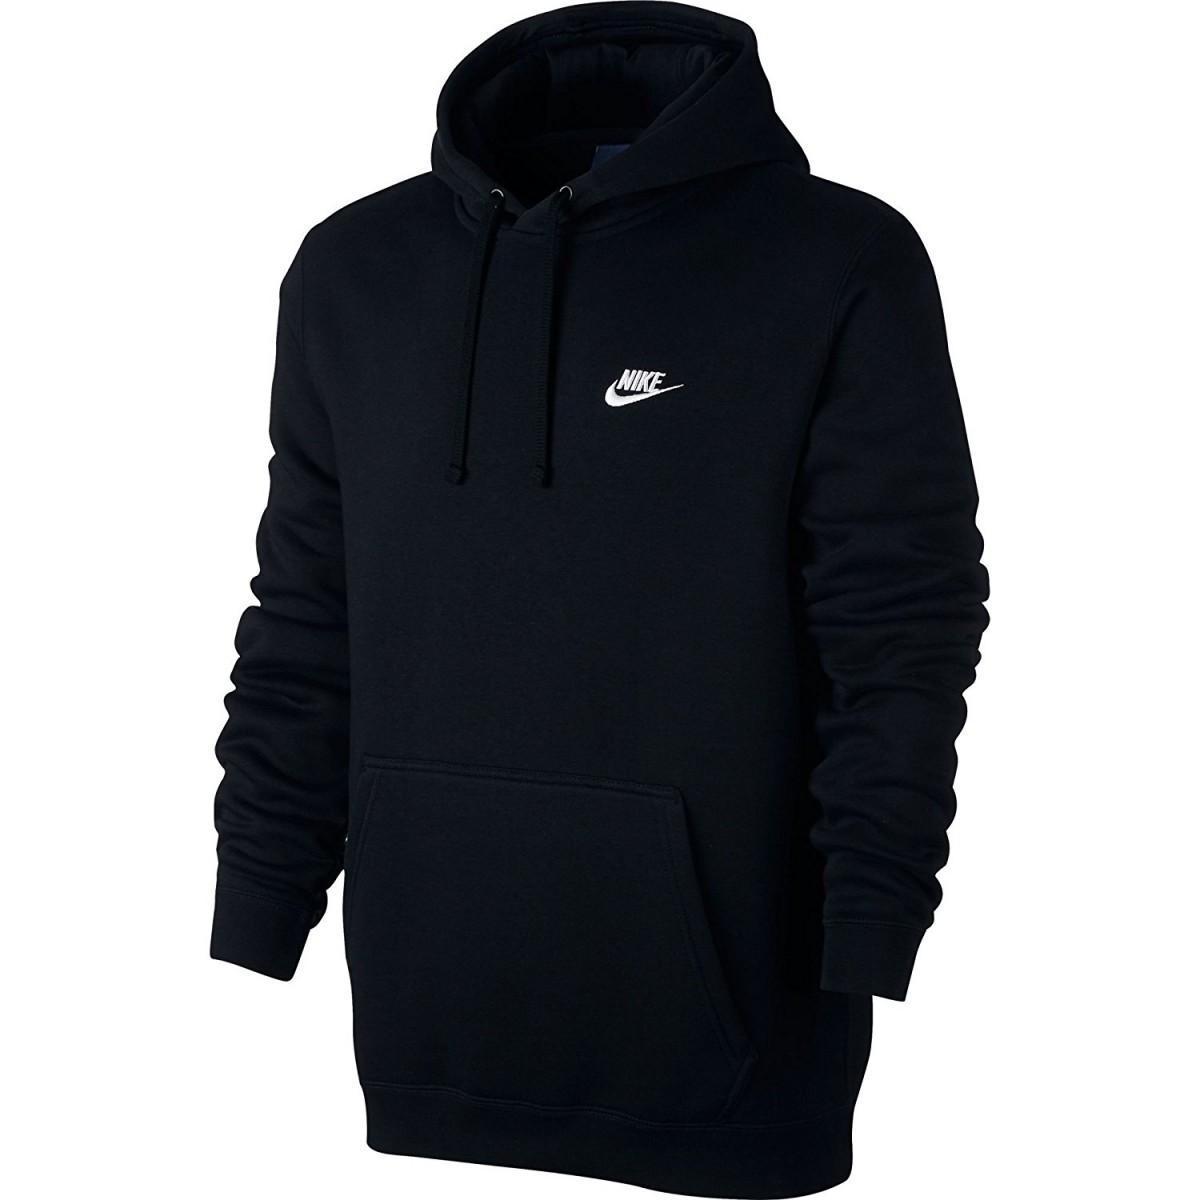 d349e24d4 Imagem - Moletom Nike NSW Pullover Fleece Club Hoody